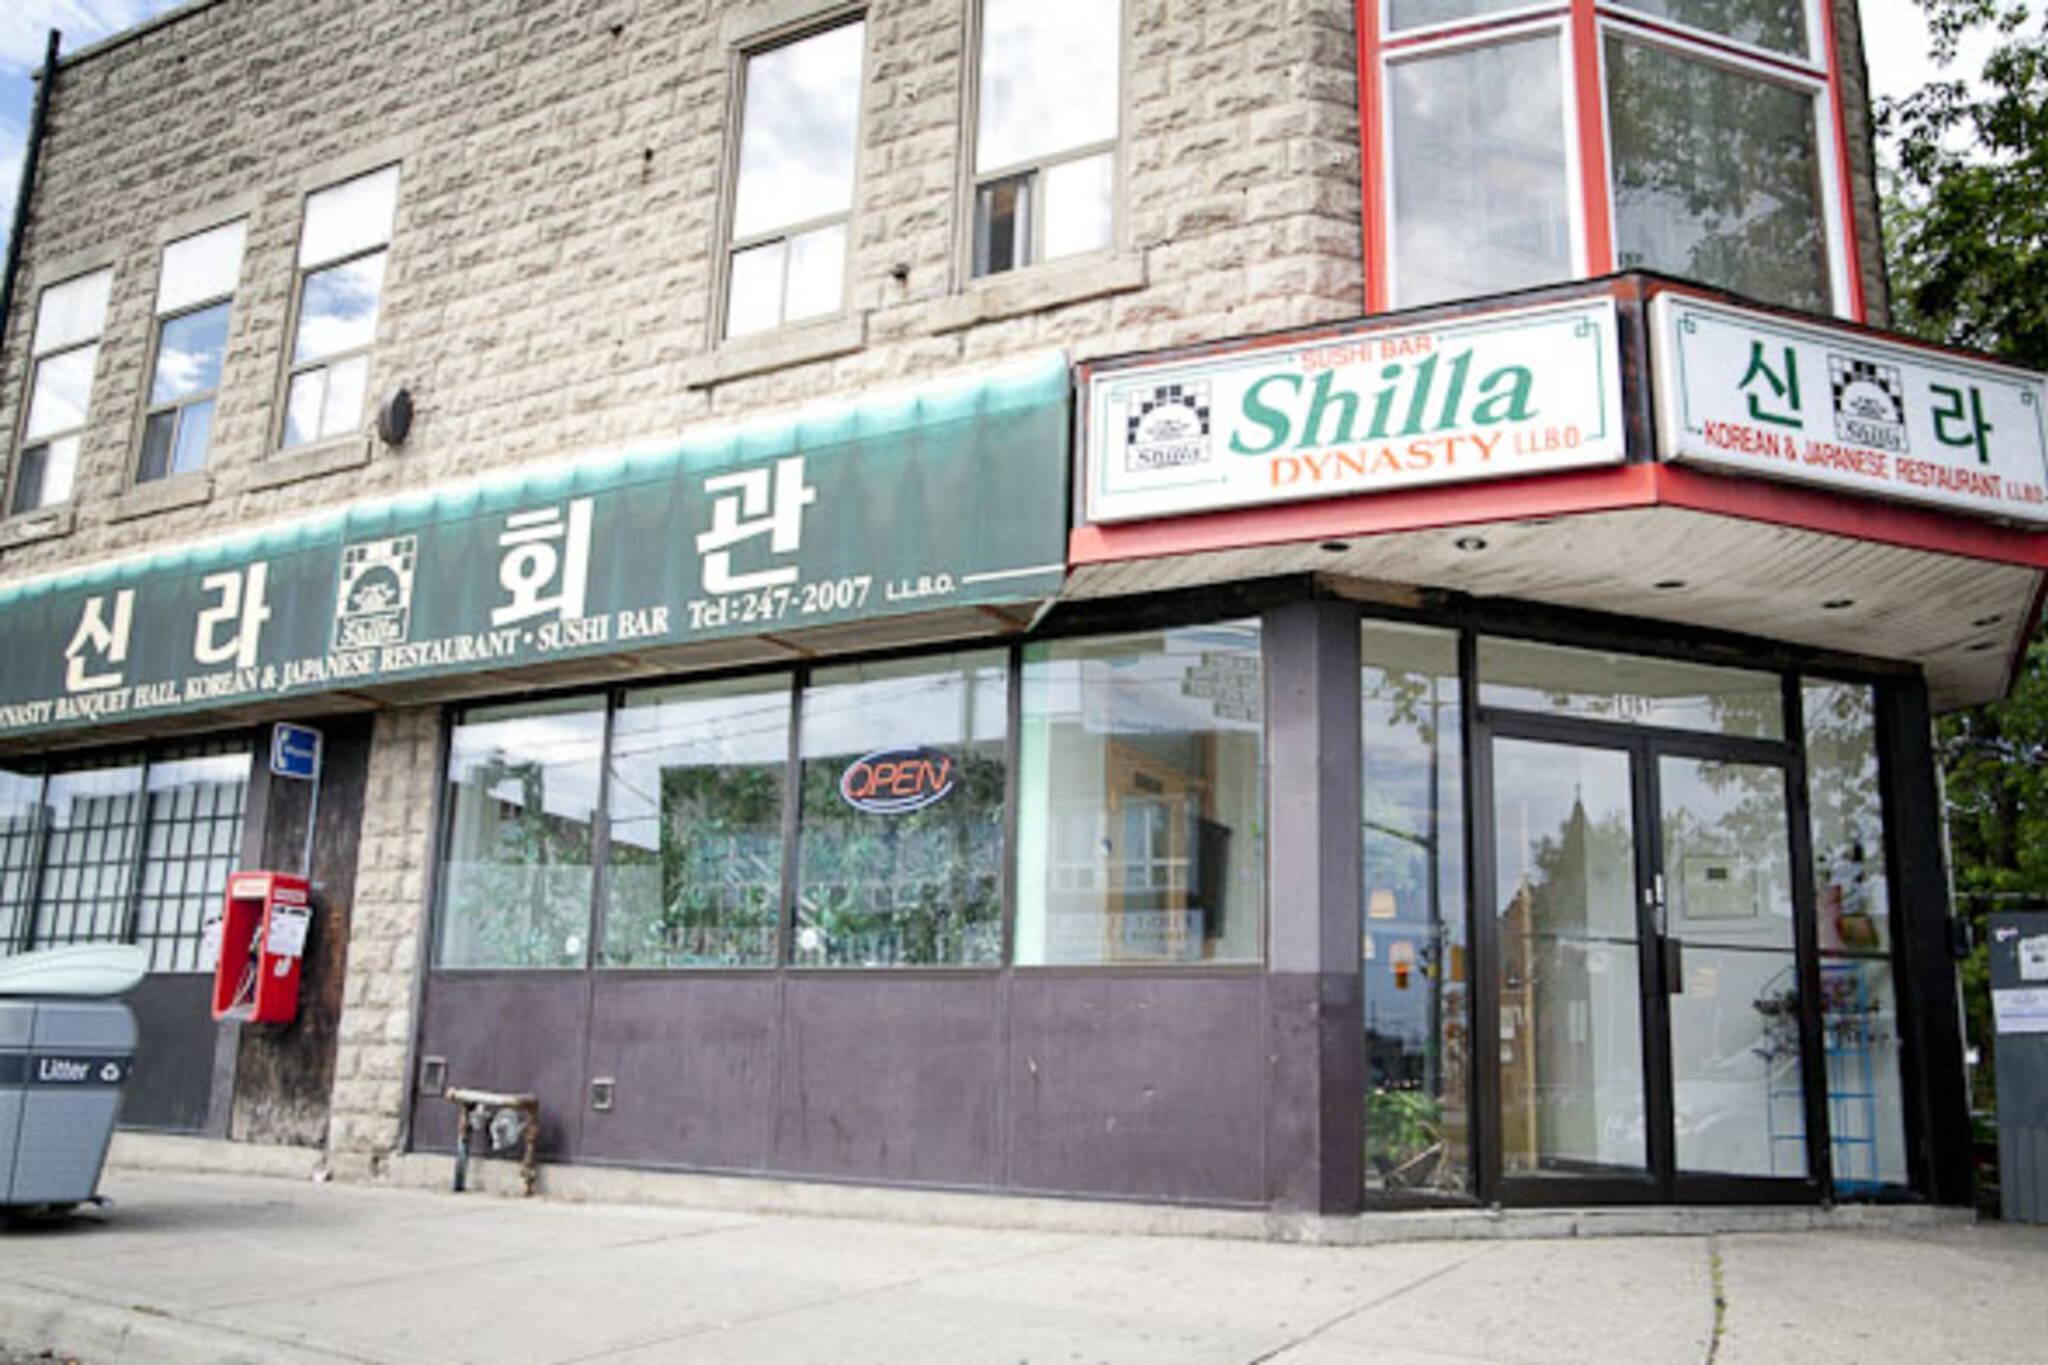 Shilla Dynasty Toronto